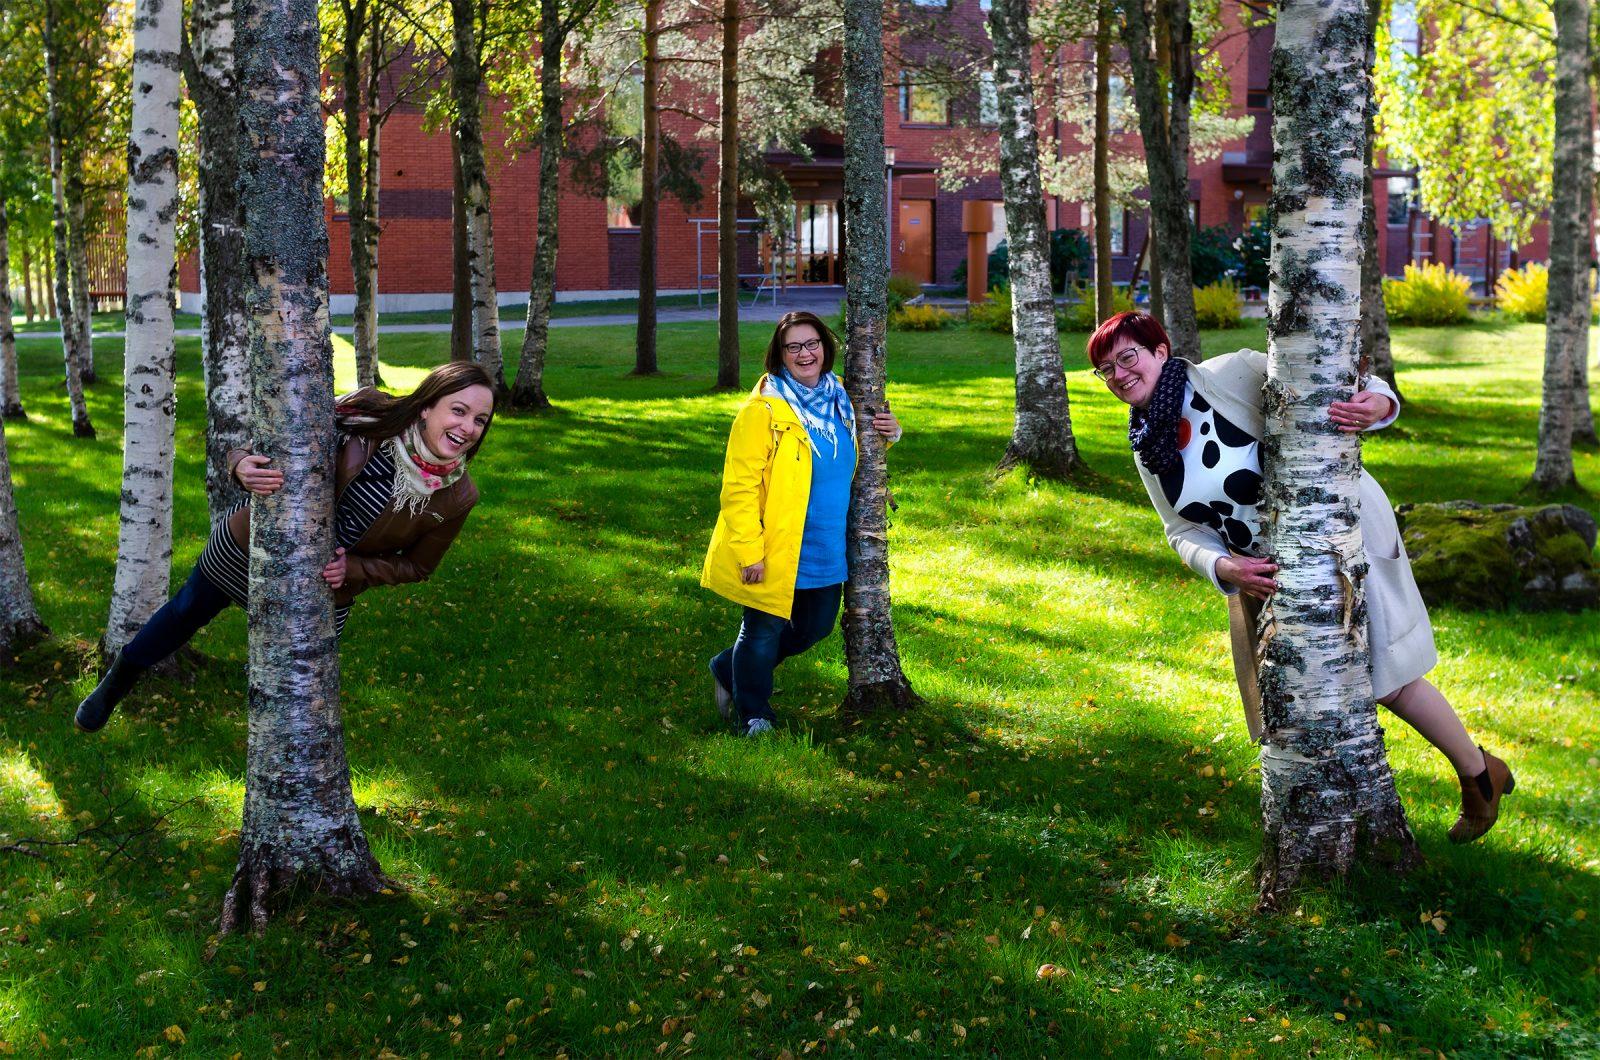 Heidi Moilanen, Maarit Aho ja Kati Savolainen kertovat kuinka Kuusamossa eletään, kun koronarajoituksia puretaan. He painottavat hymyillen ja toisiinsa kurkottaen rohkeutta olla vanhempi.